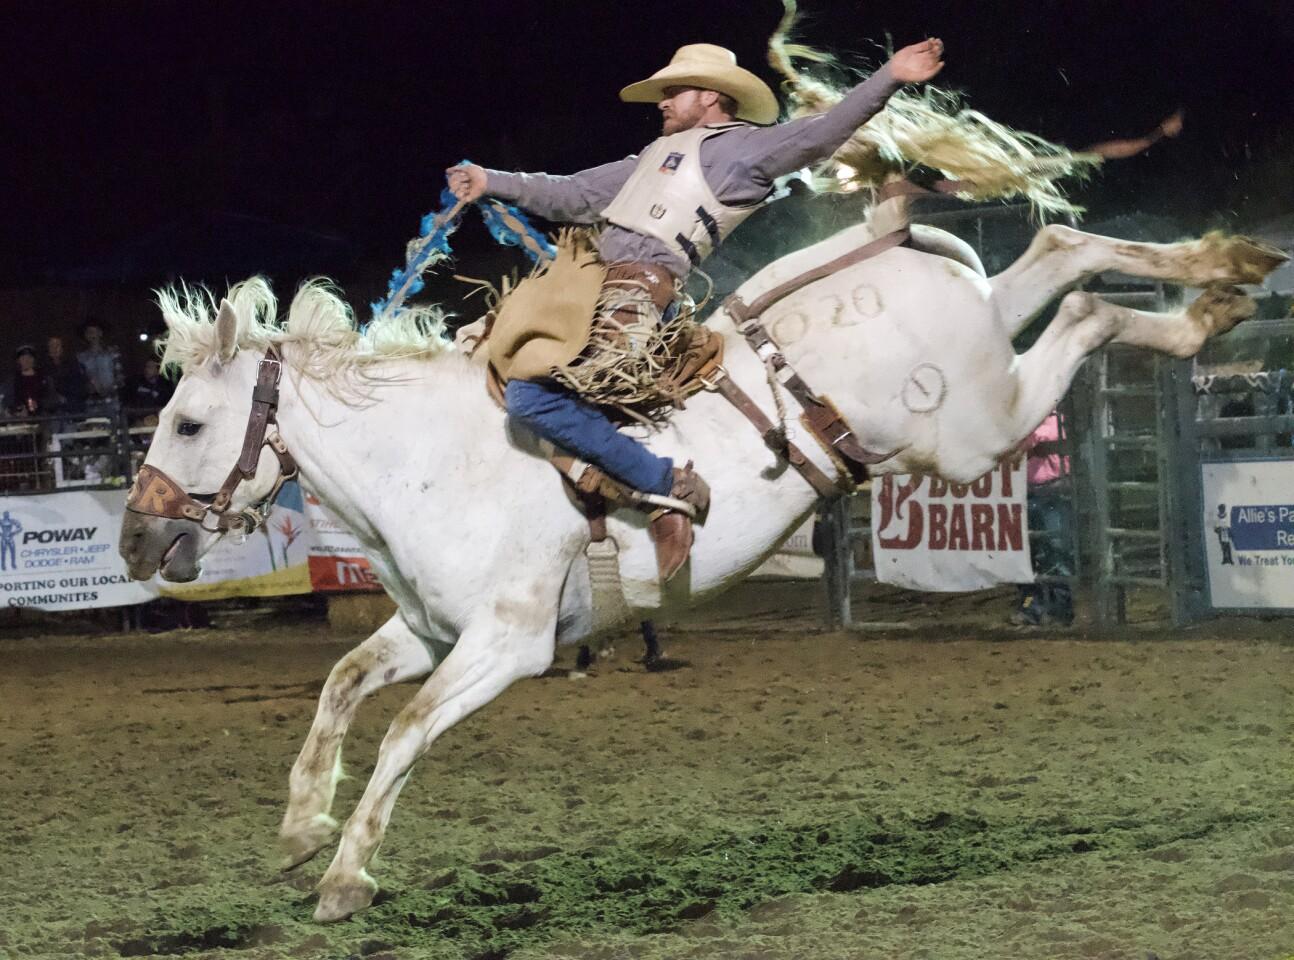 poway rodeo 2019 best.jpg